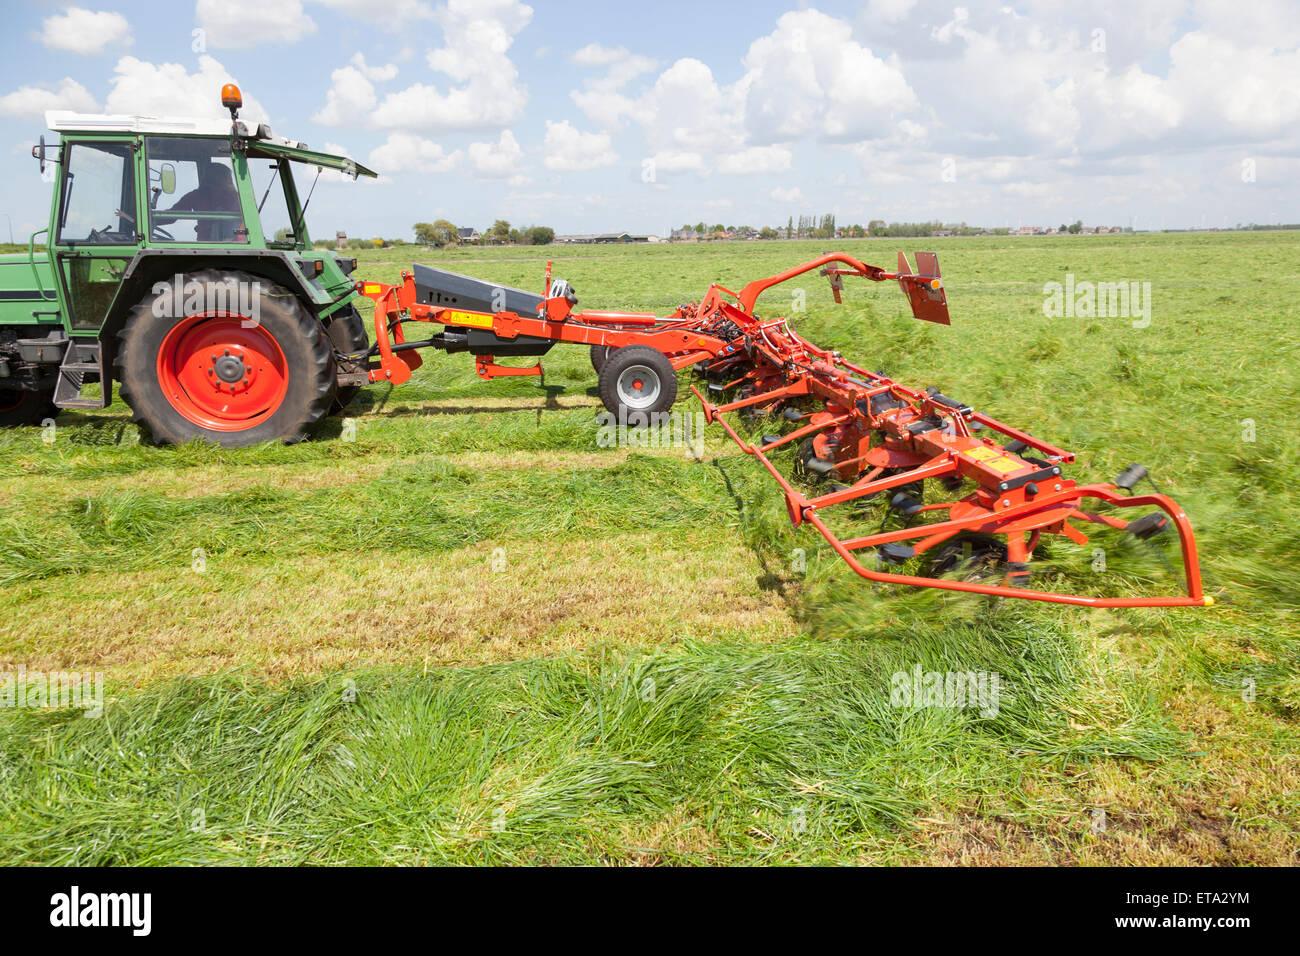 Red fieno turner dietro il trattore in prato verde nei Paesi Bassi Immagini Stock